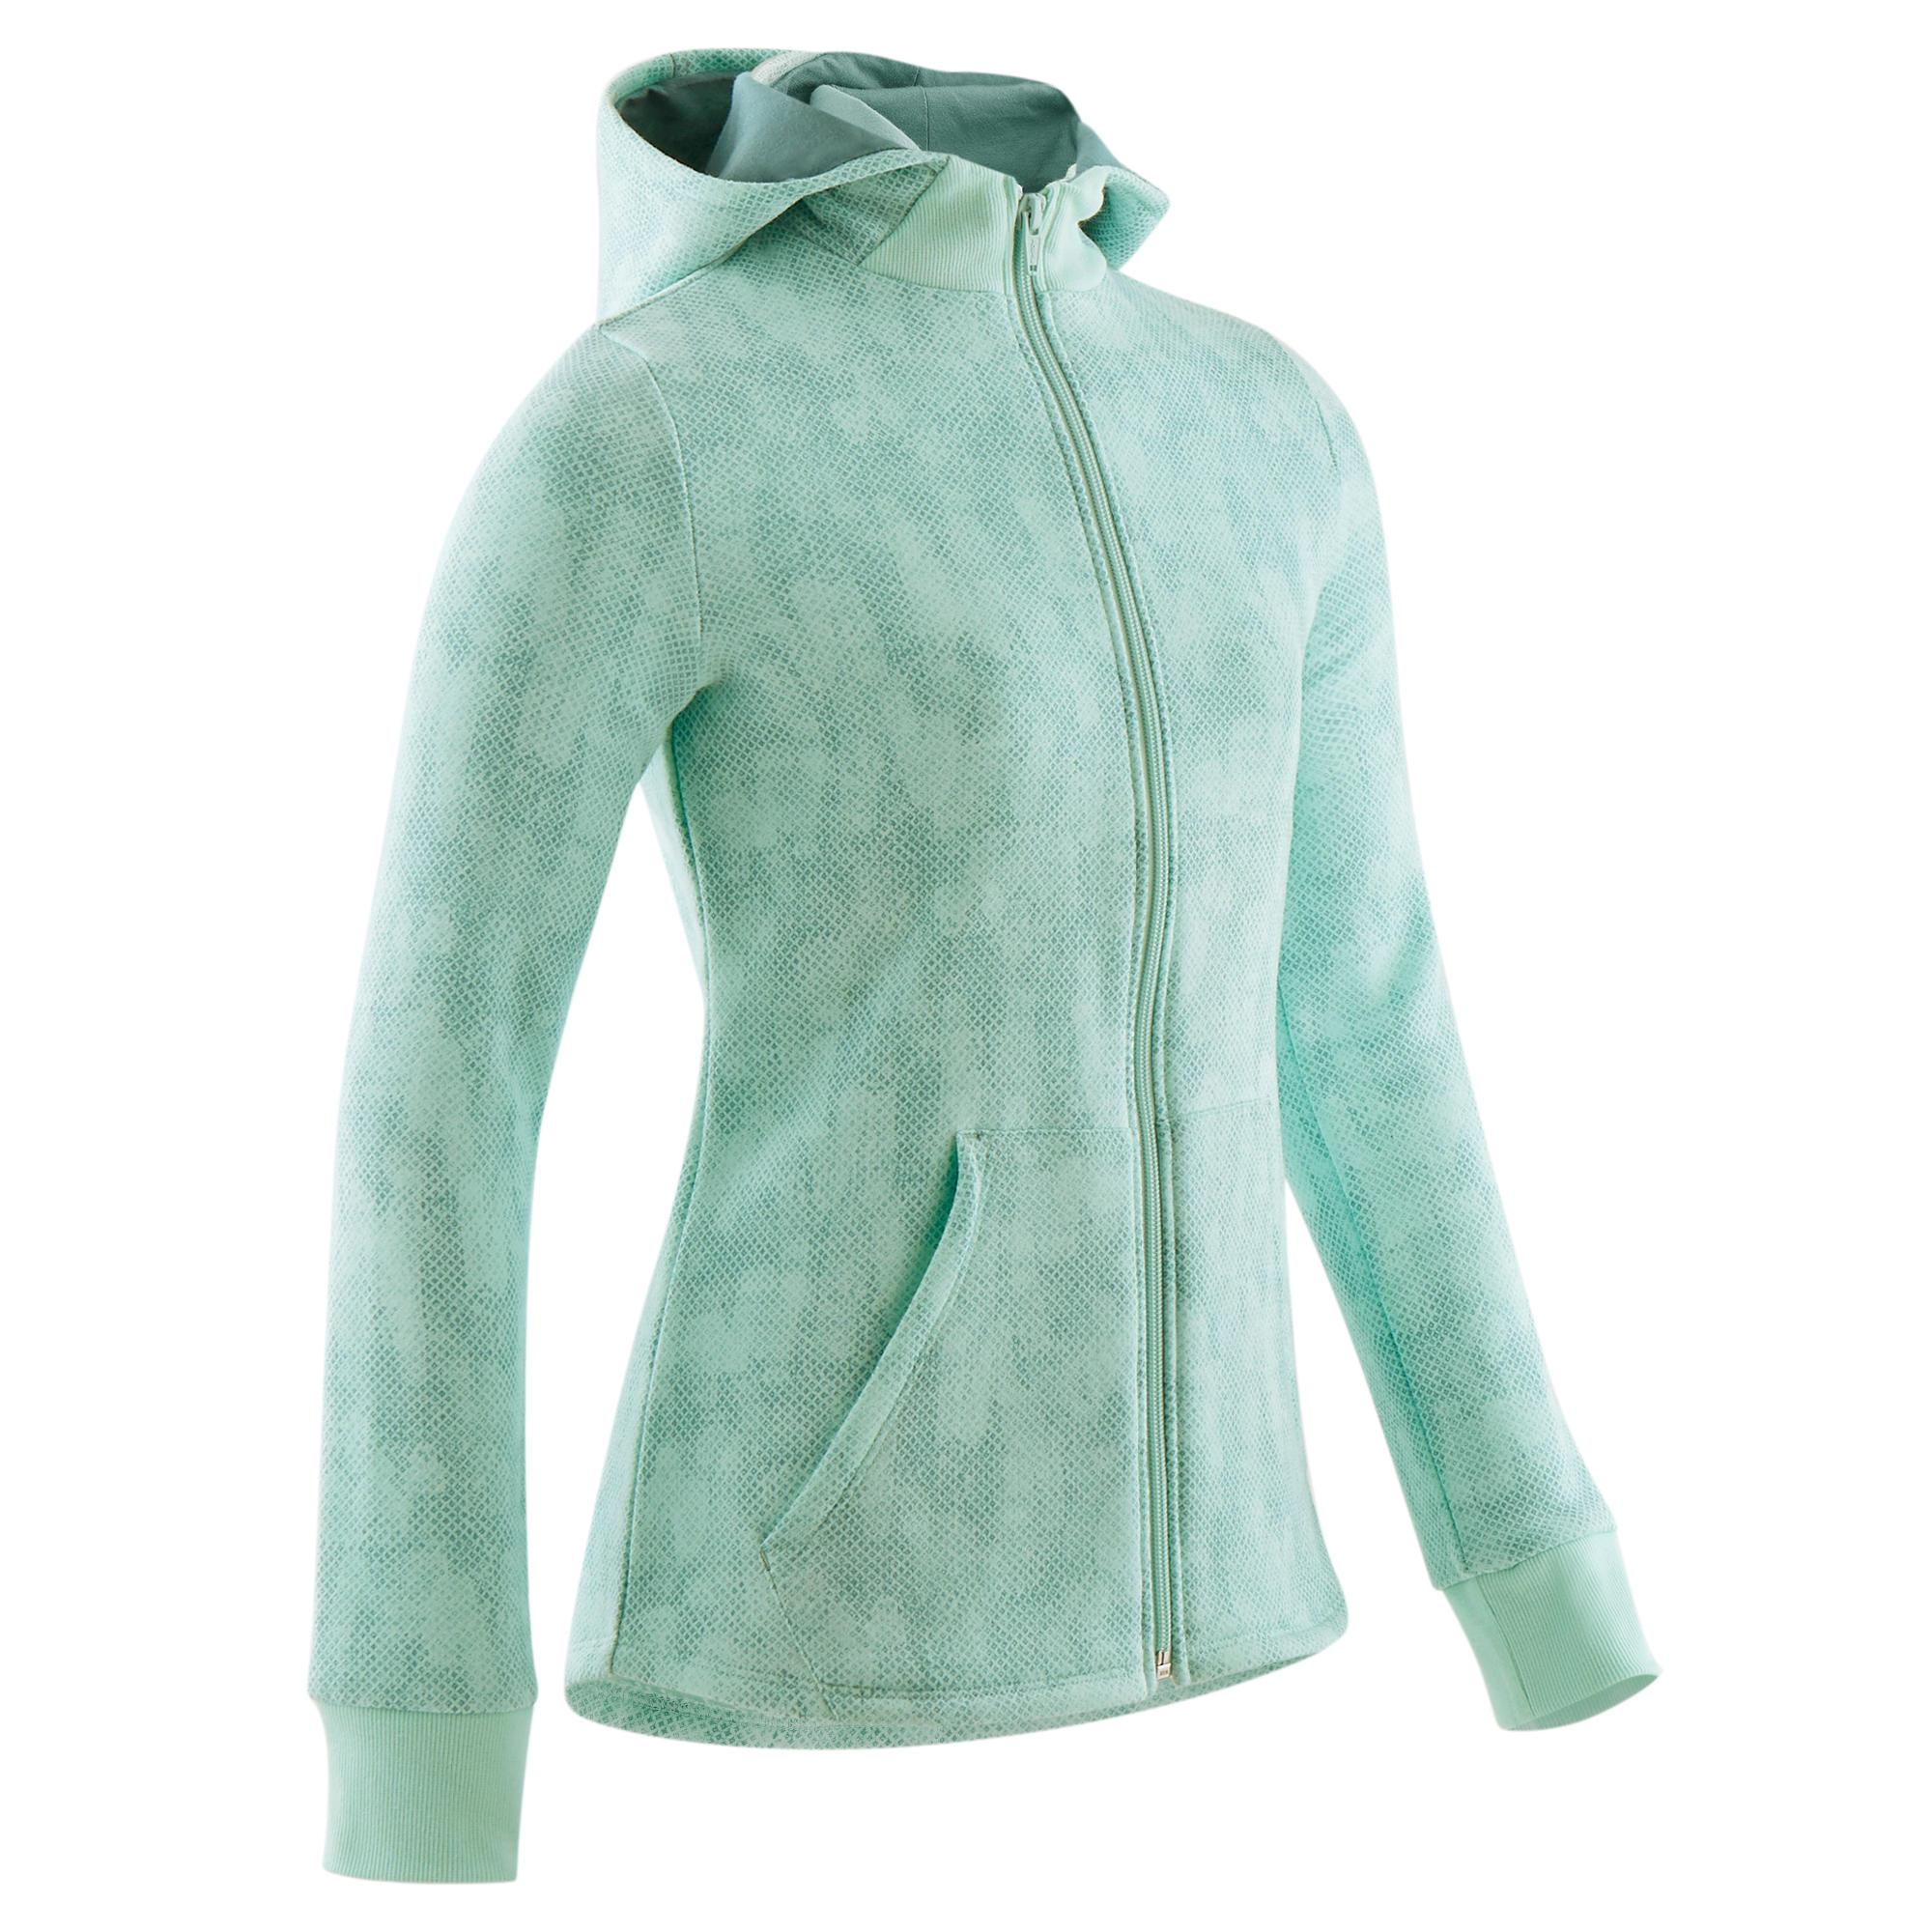 Jachetă cu glugă 100 fete imagine